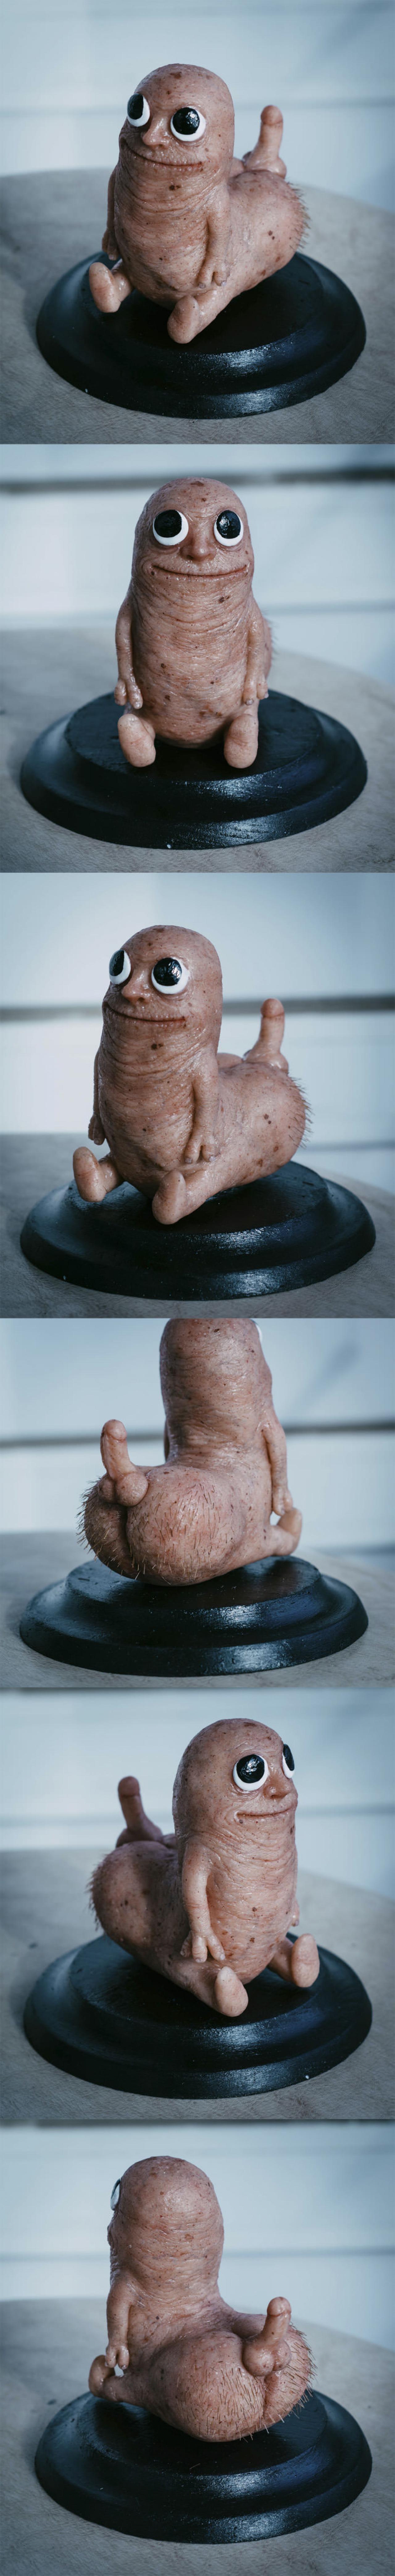 Ничего необычного, это просто фотореалистичная скульптура Жопочлена, проходите мимо...